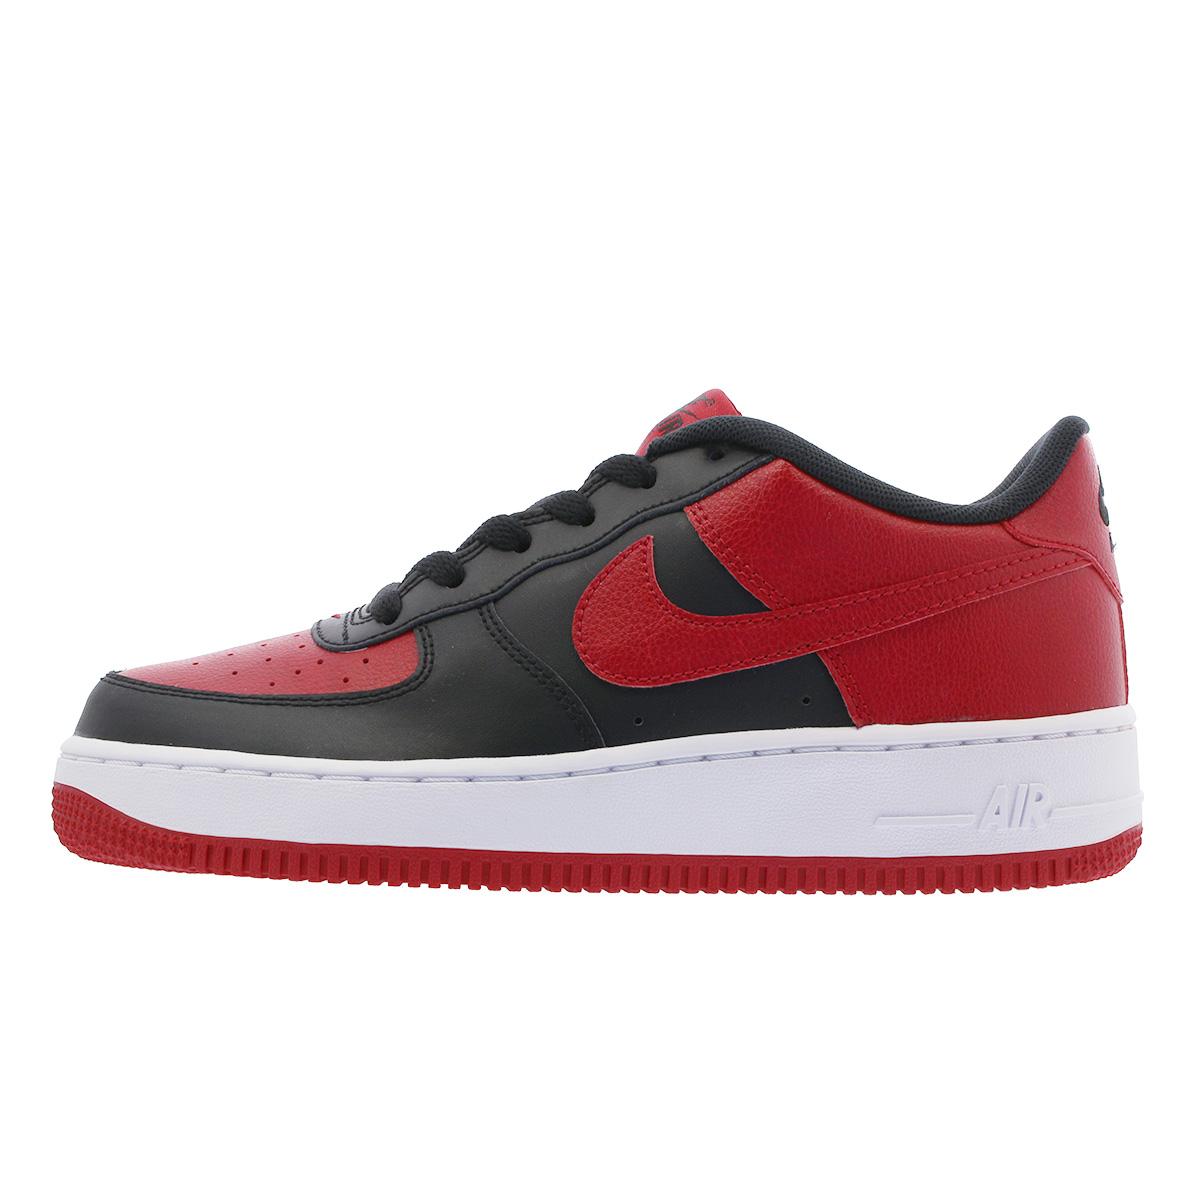 reputable site 04e57 a6560 NIKE AIR FORCE 1 GS Nike air force 1 GS BLACKGYM REDWHITE 596,728-016